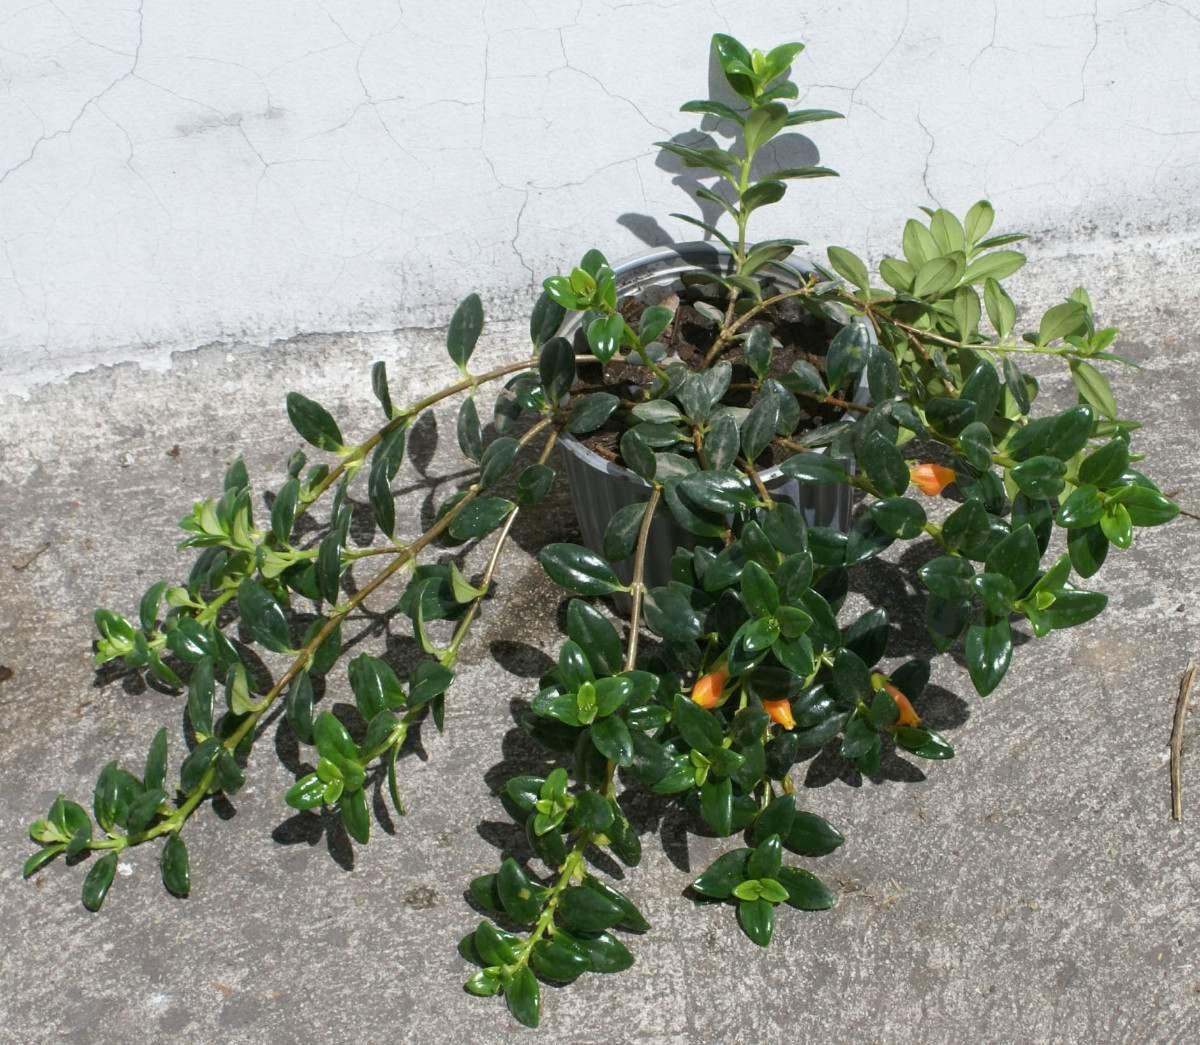 Pescadito plantas ornamentales para jardin decoracion for Plantas ornamentales